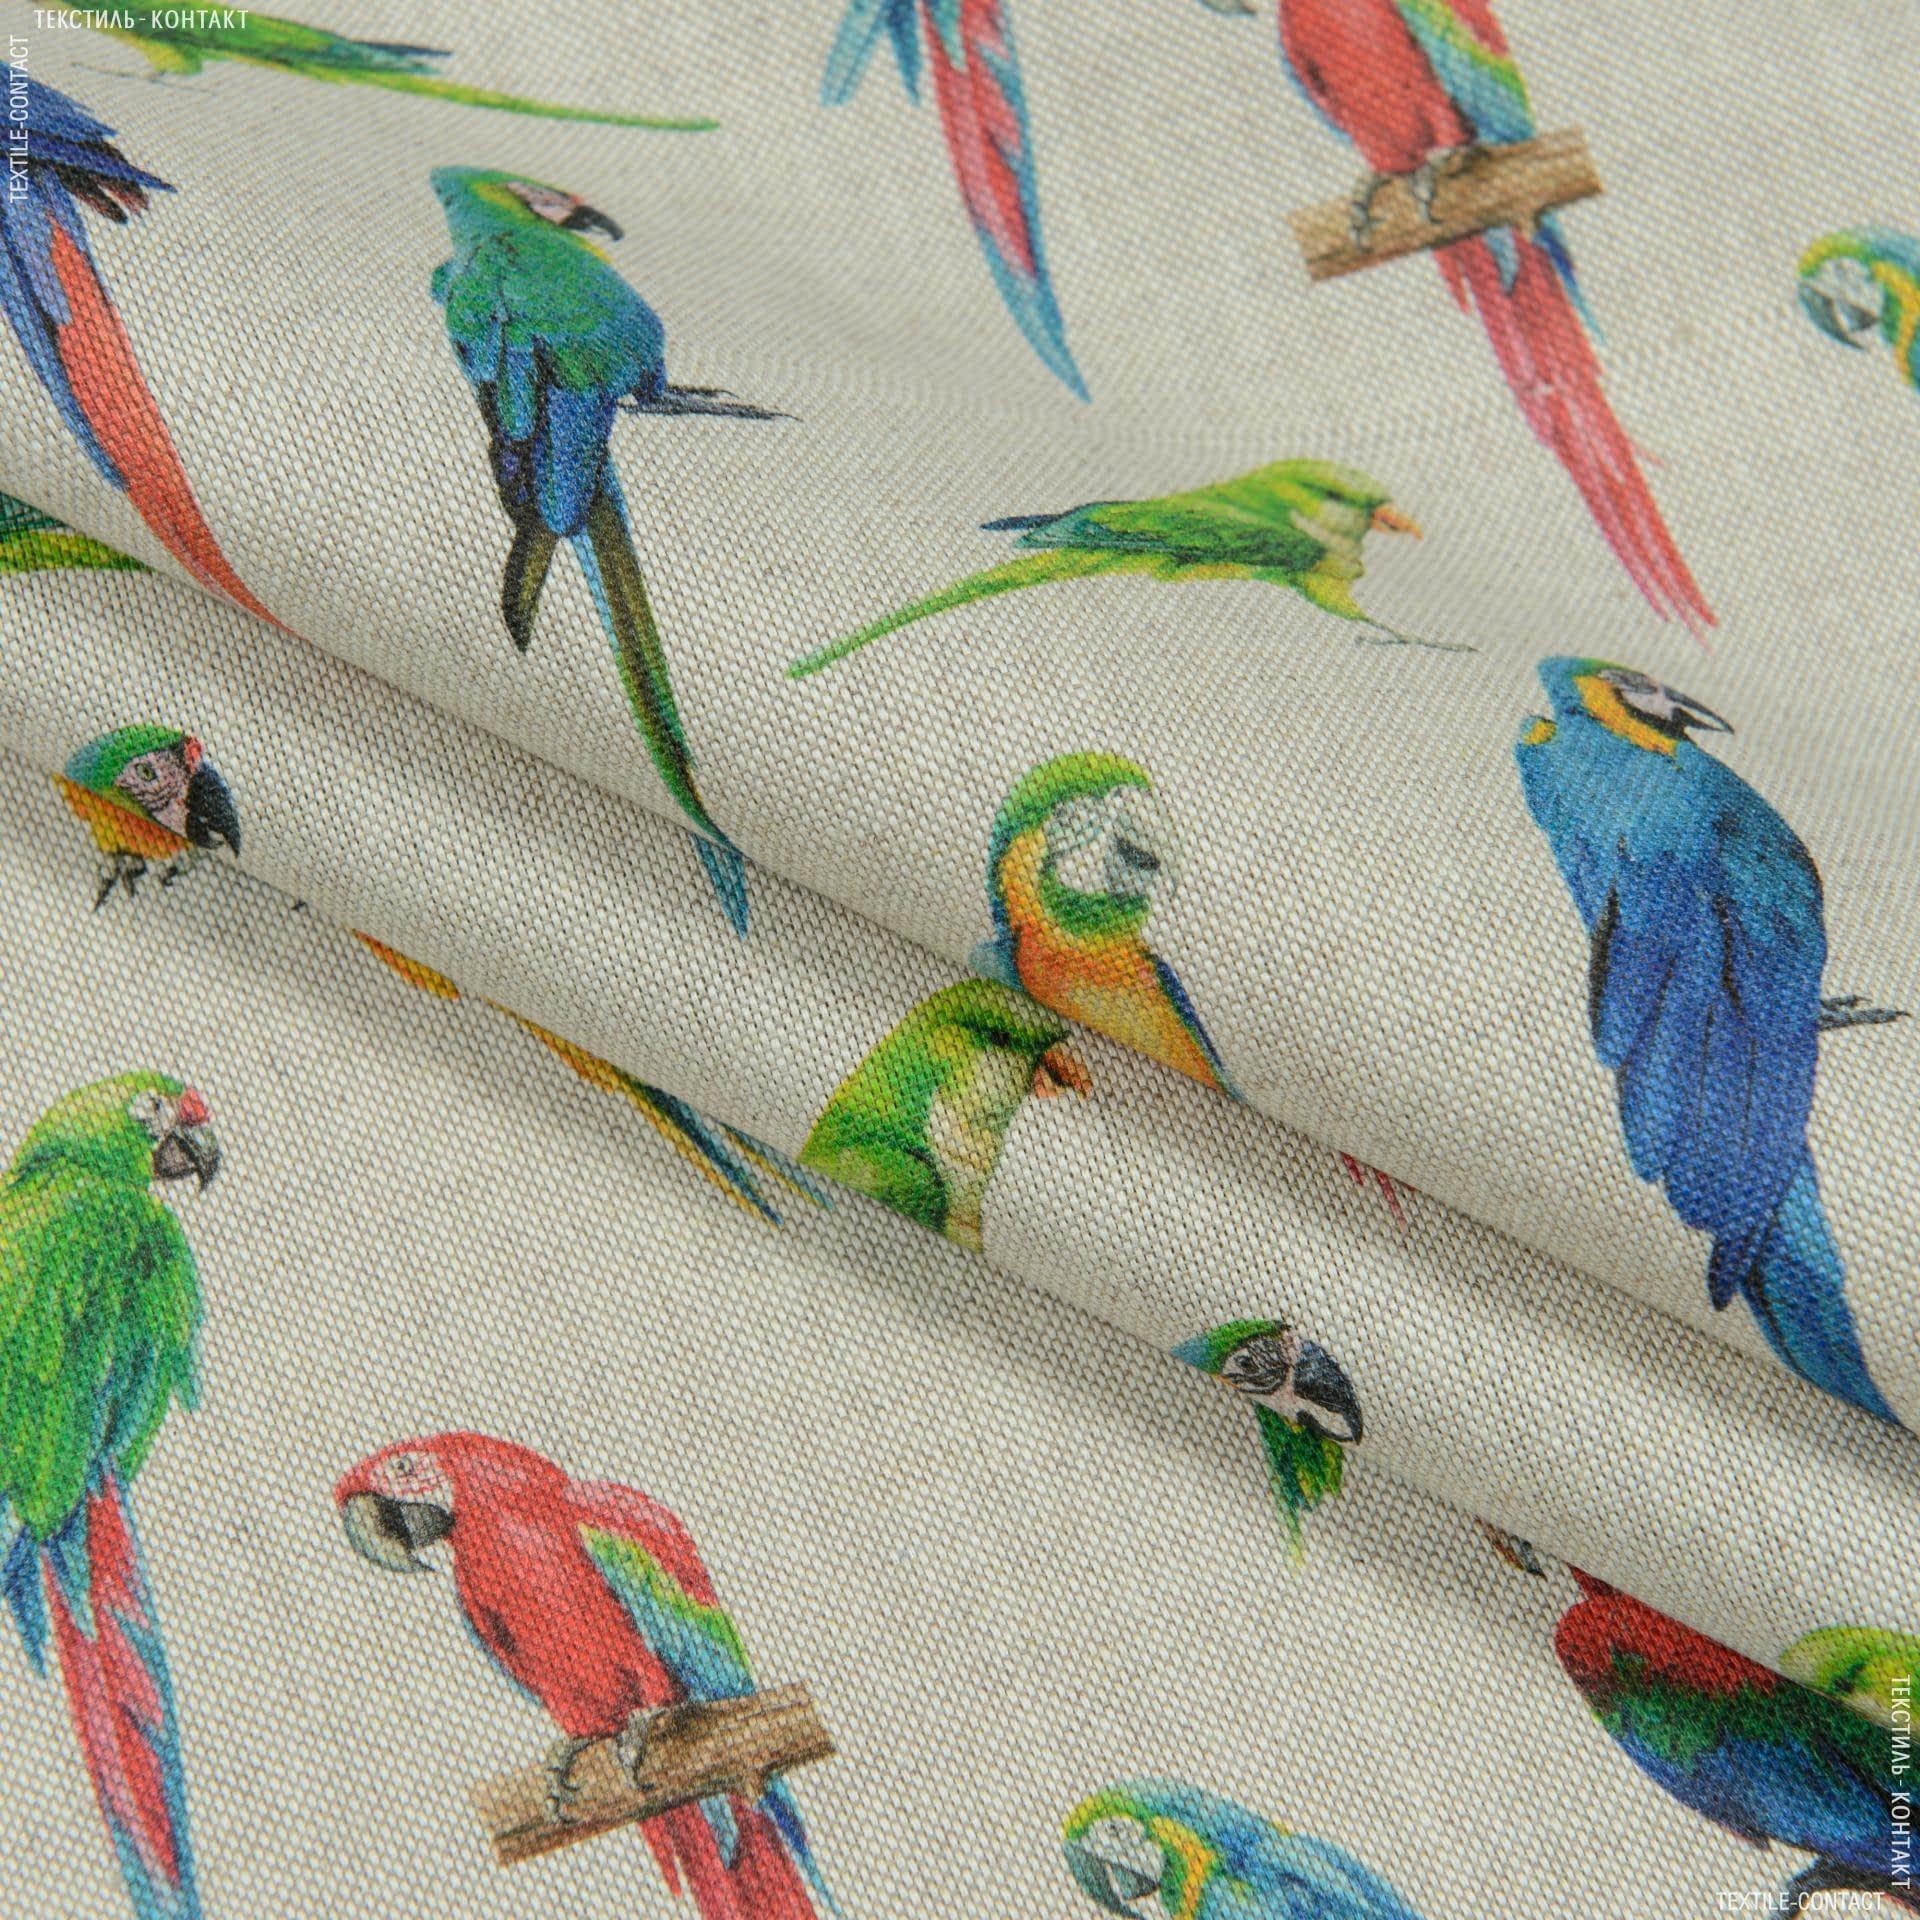 Ткани портьерные ткани - Декоративная ткань Попугаи /  DIGITAL LOROS/ фон натуральный